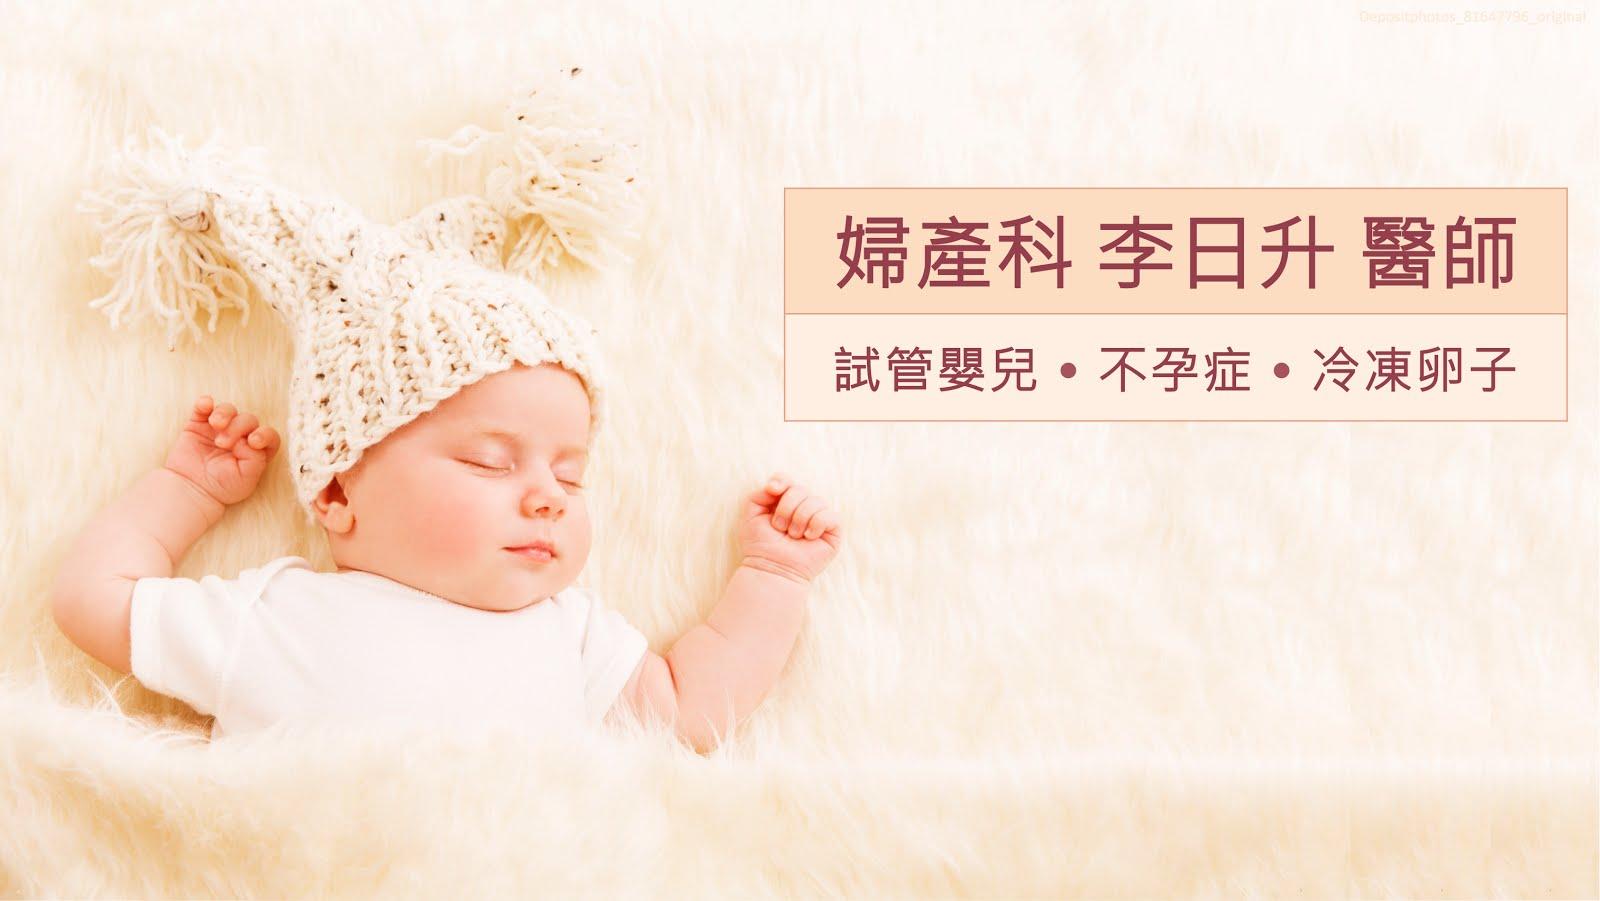 李日升醫師 試管嬰兒・不孕症・冷凍卵子